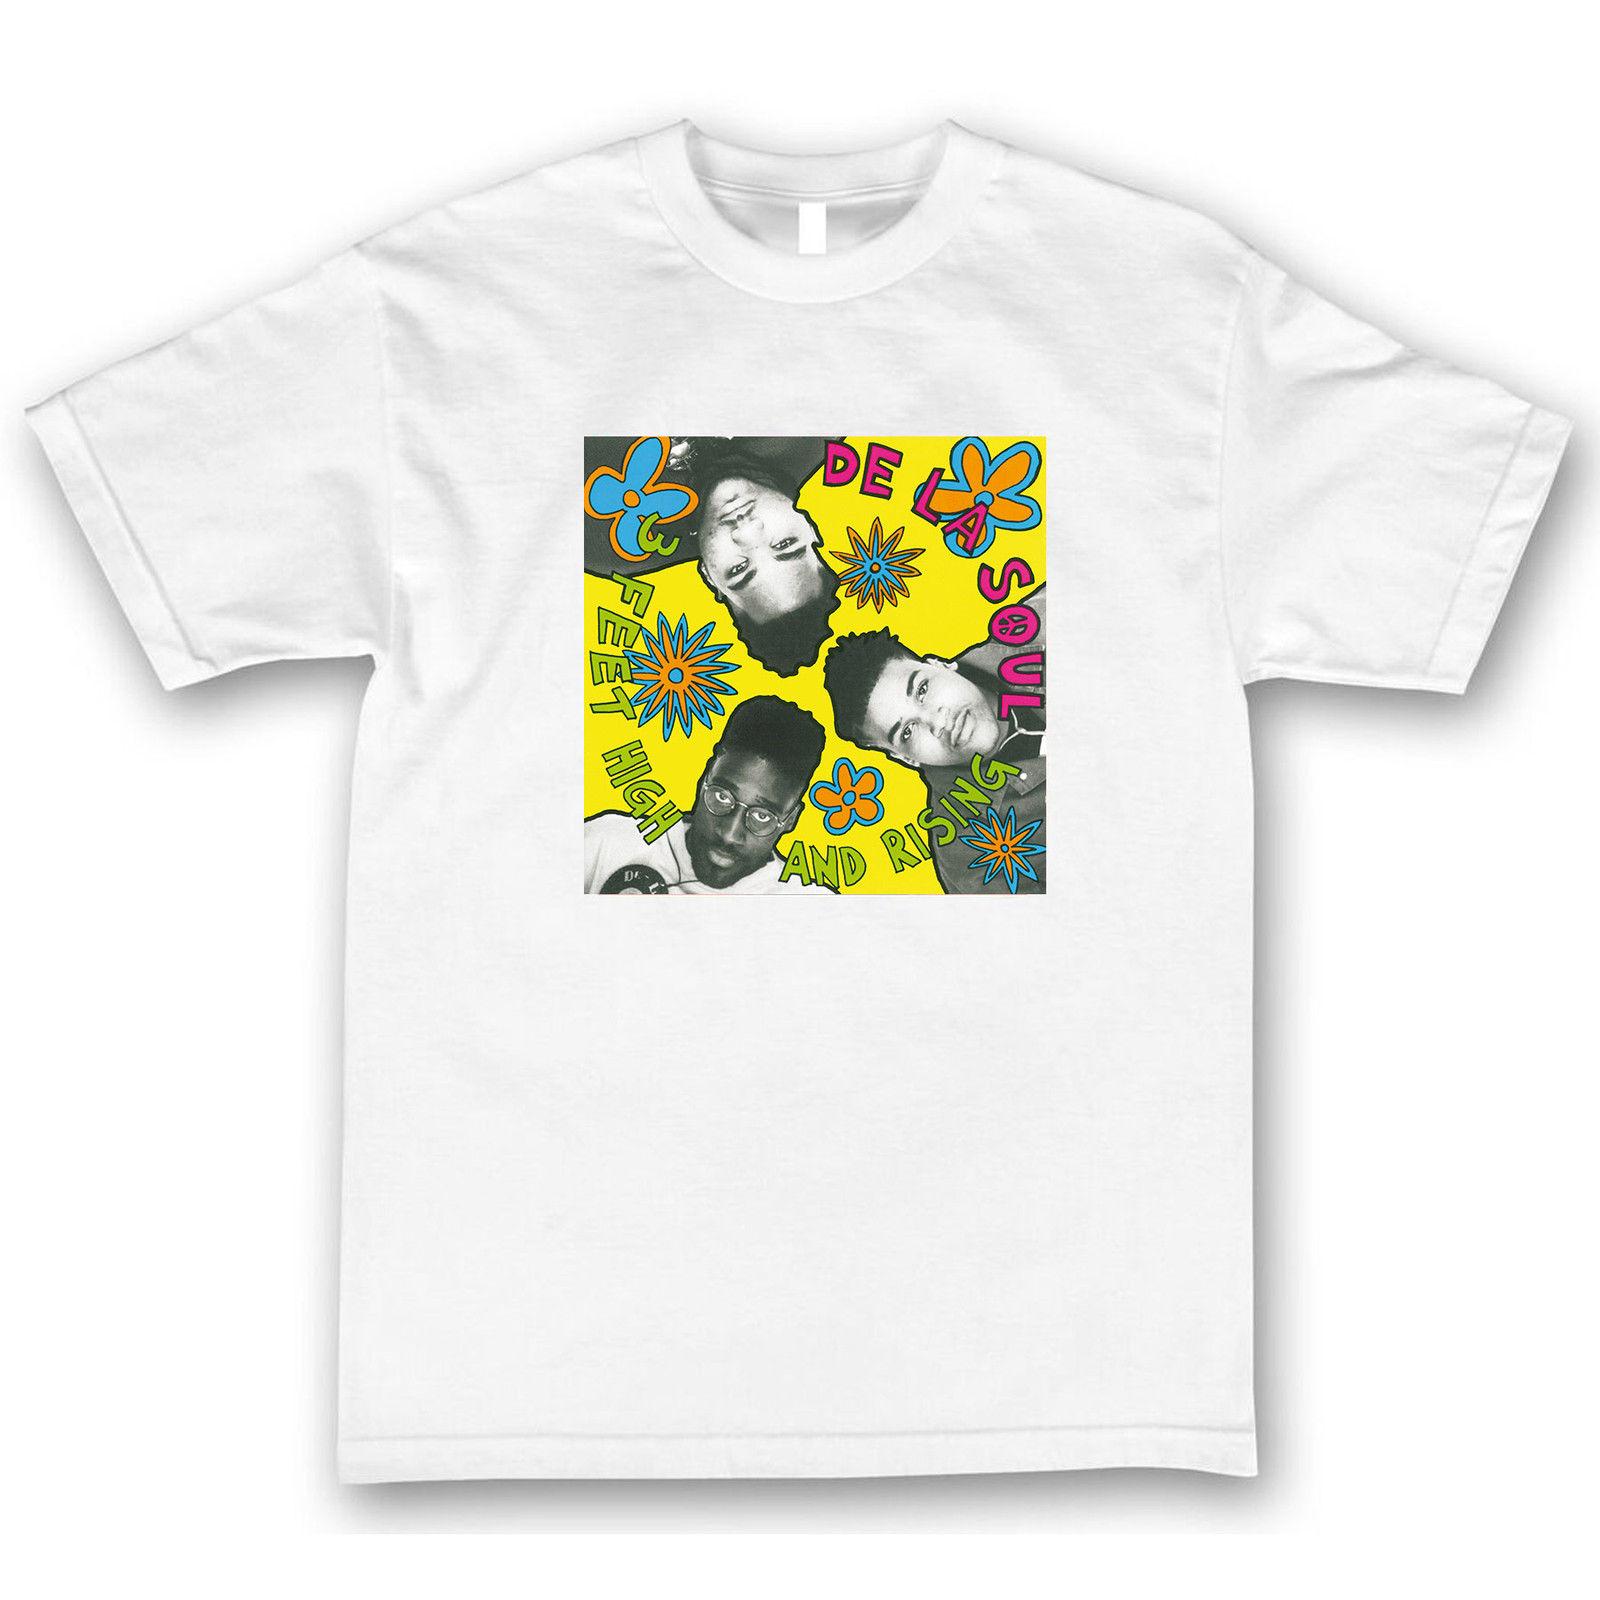 De La Soul 3 Feet High And Rising T Shirt Cd Lp Vinyl